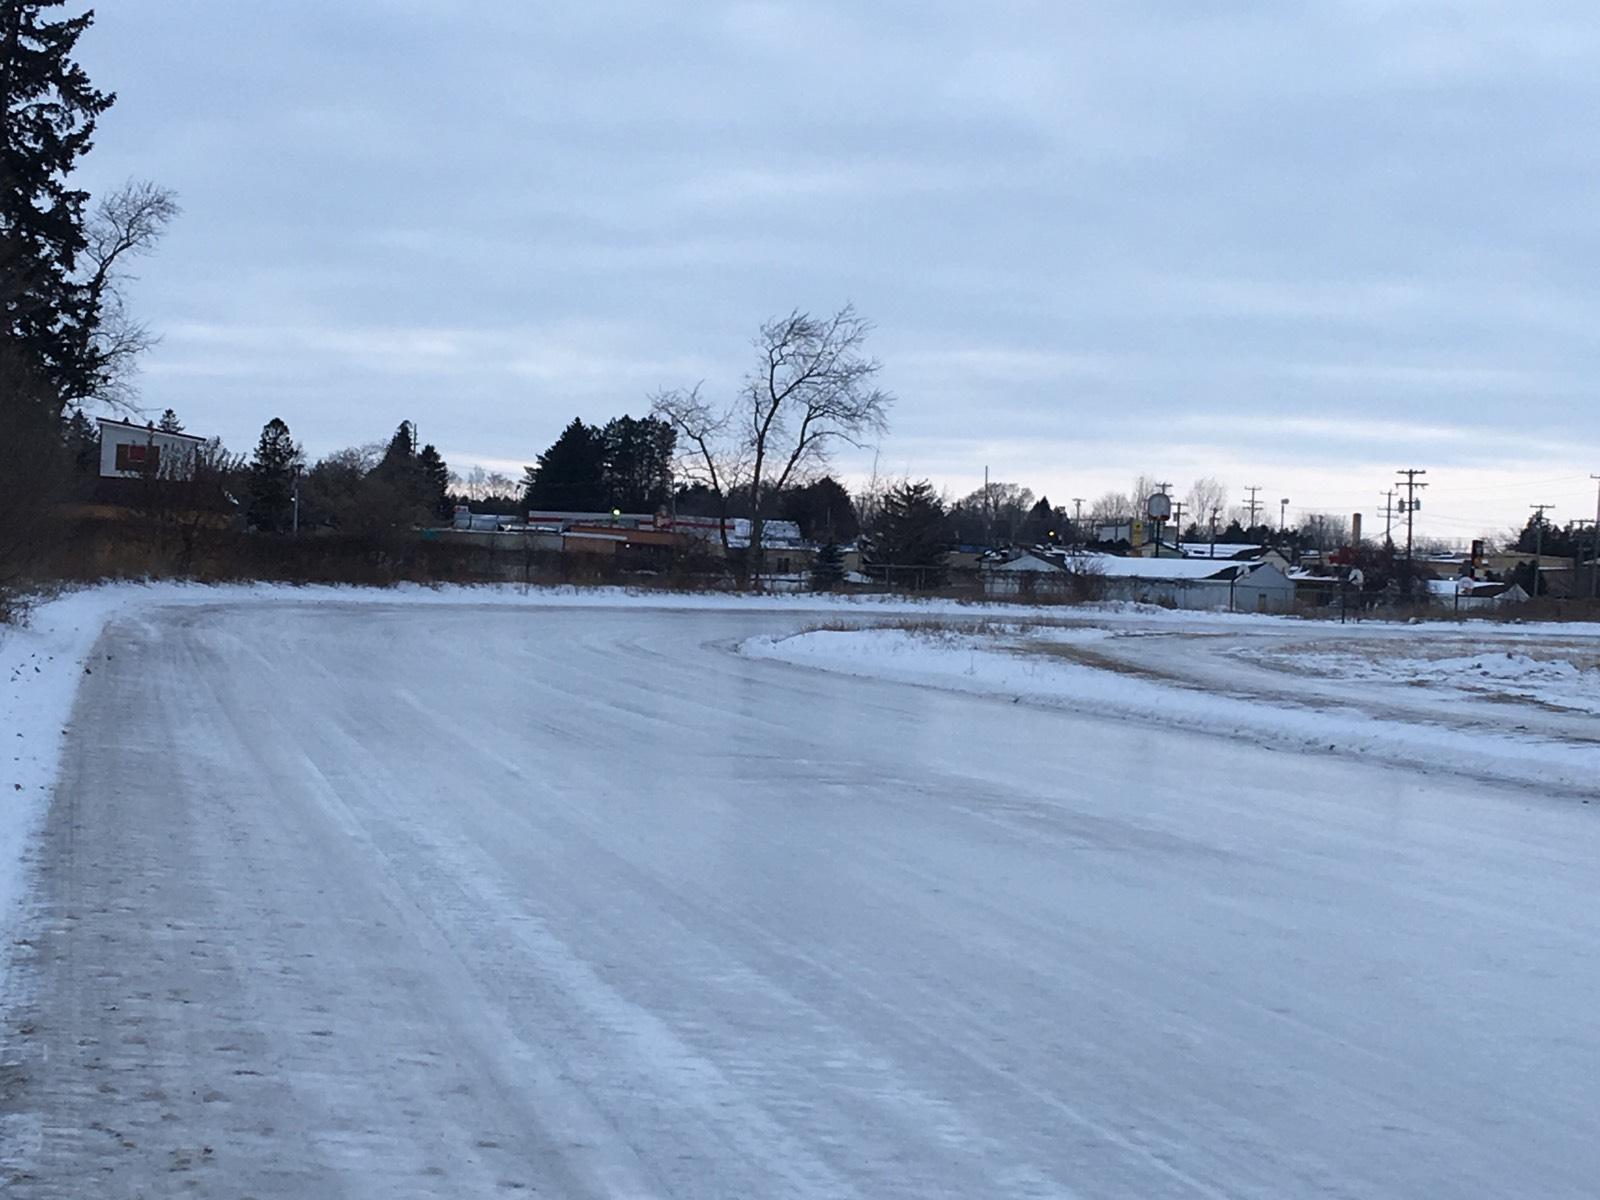 2018 Pre-event ice track